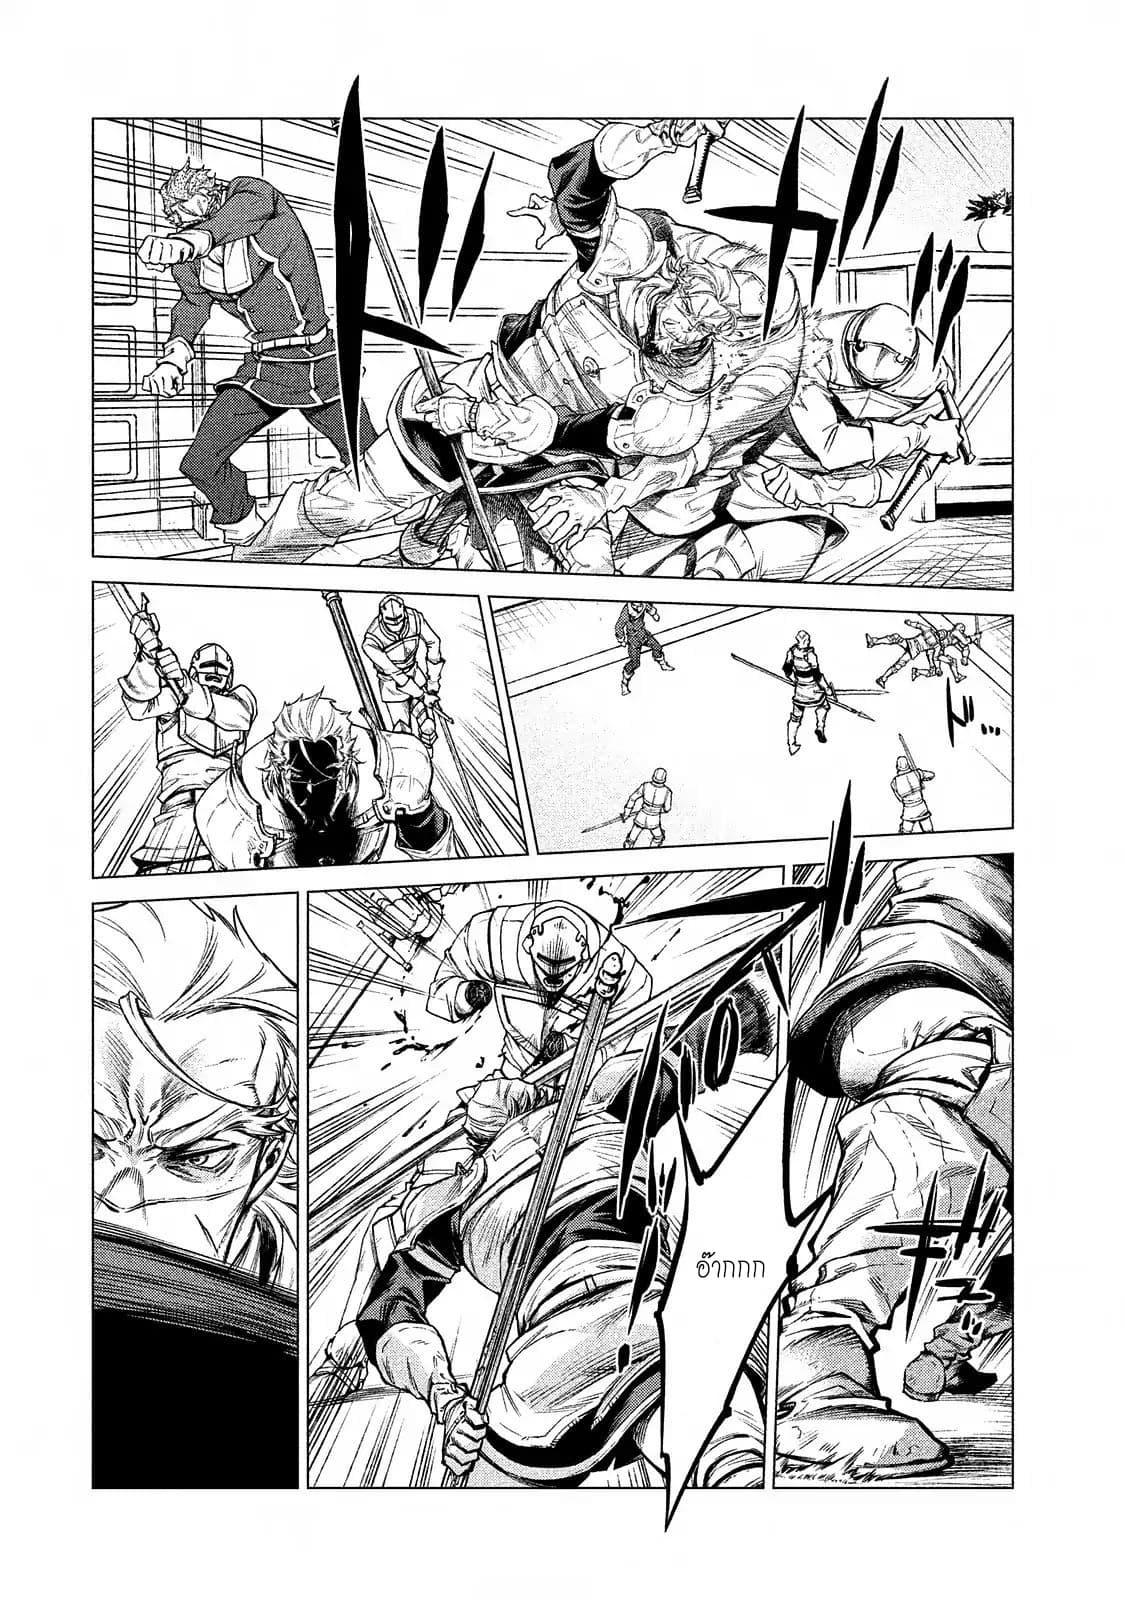 อ่านการ์ตูน Henkyou no Roukishi - Bard Loen ตอนที่ 7 หน้าที่ 10